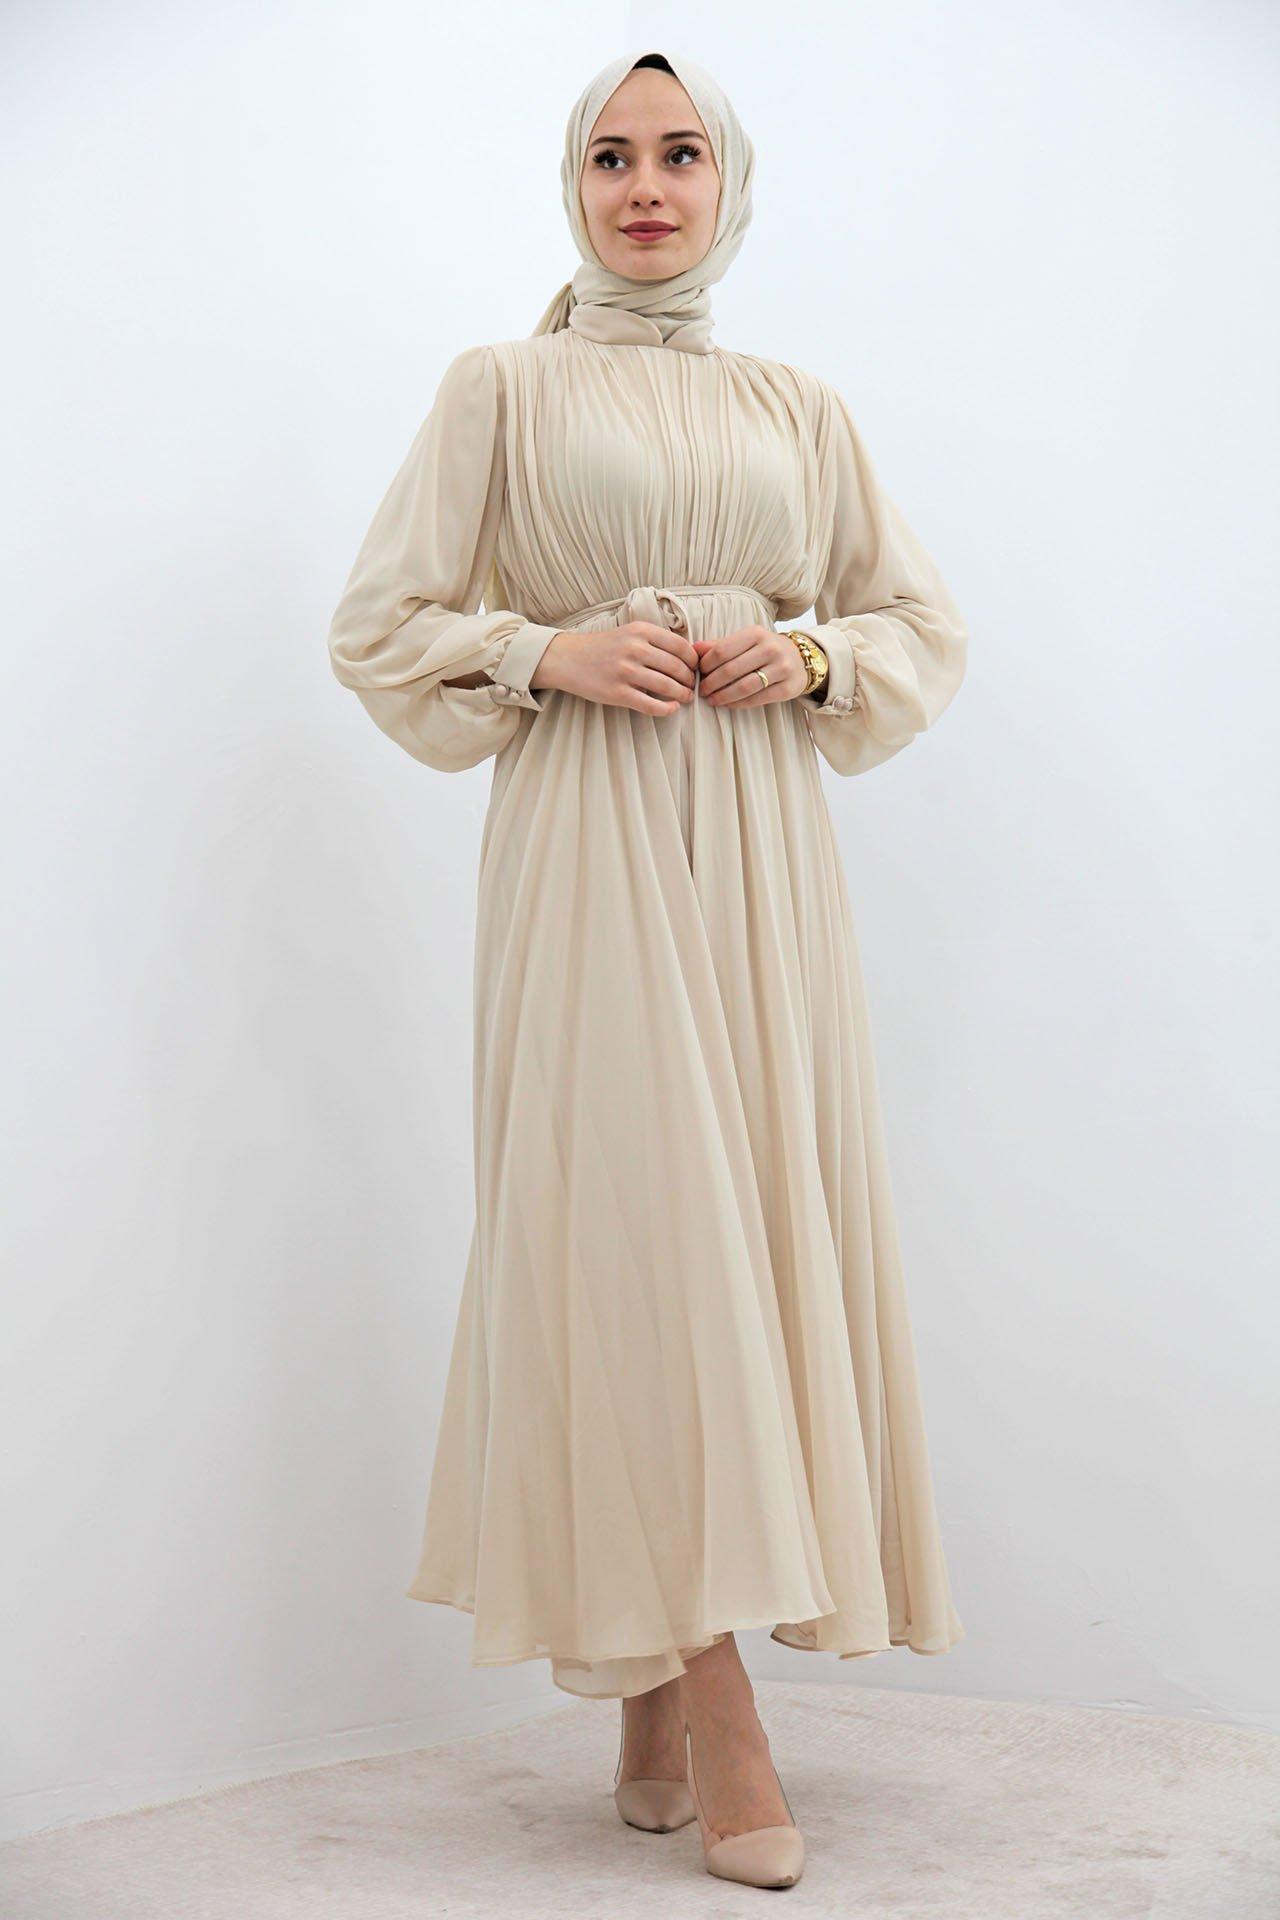 GİZAGİYİM - Kuyruklu Pilisoley Şifon Elbise Krem